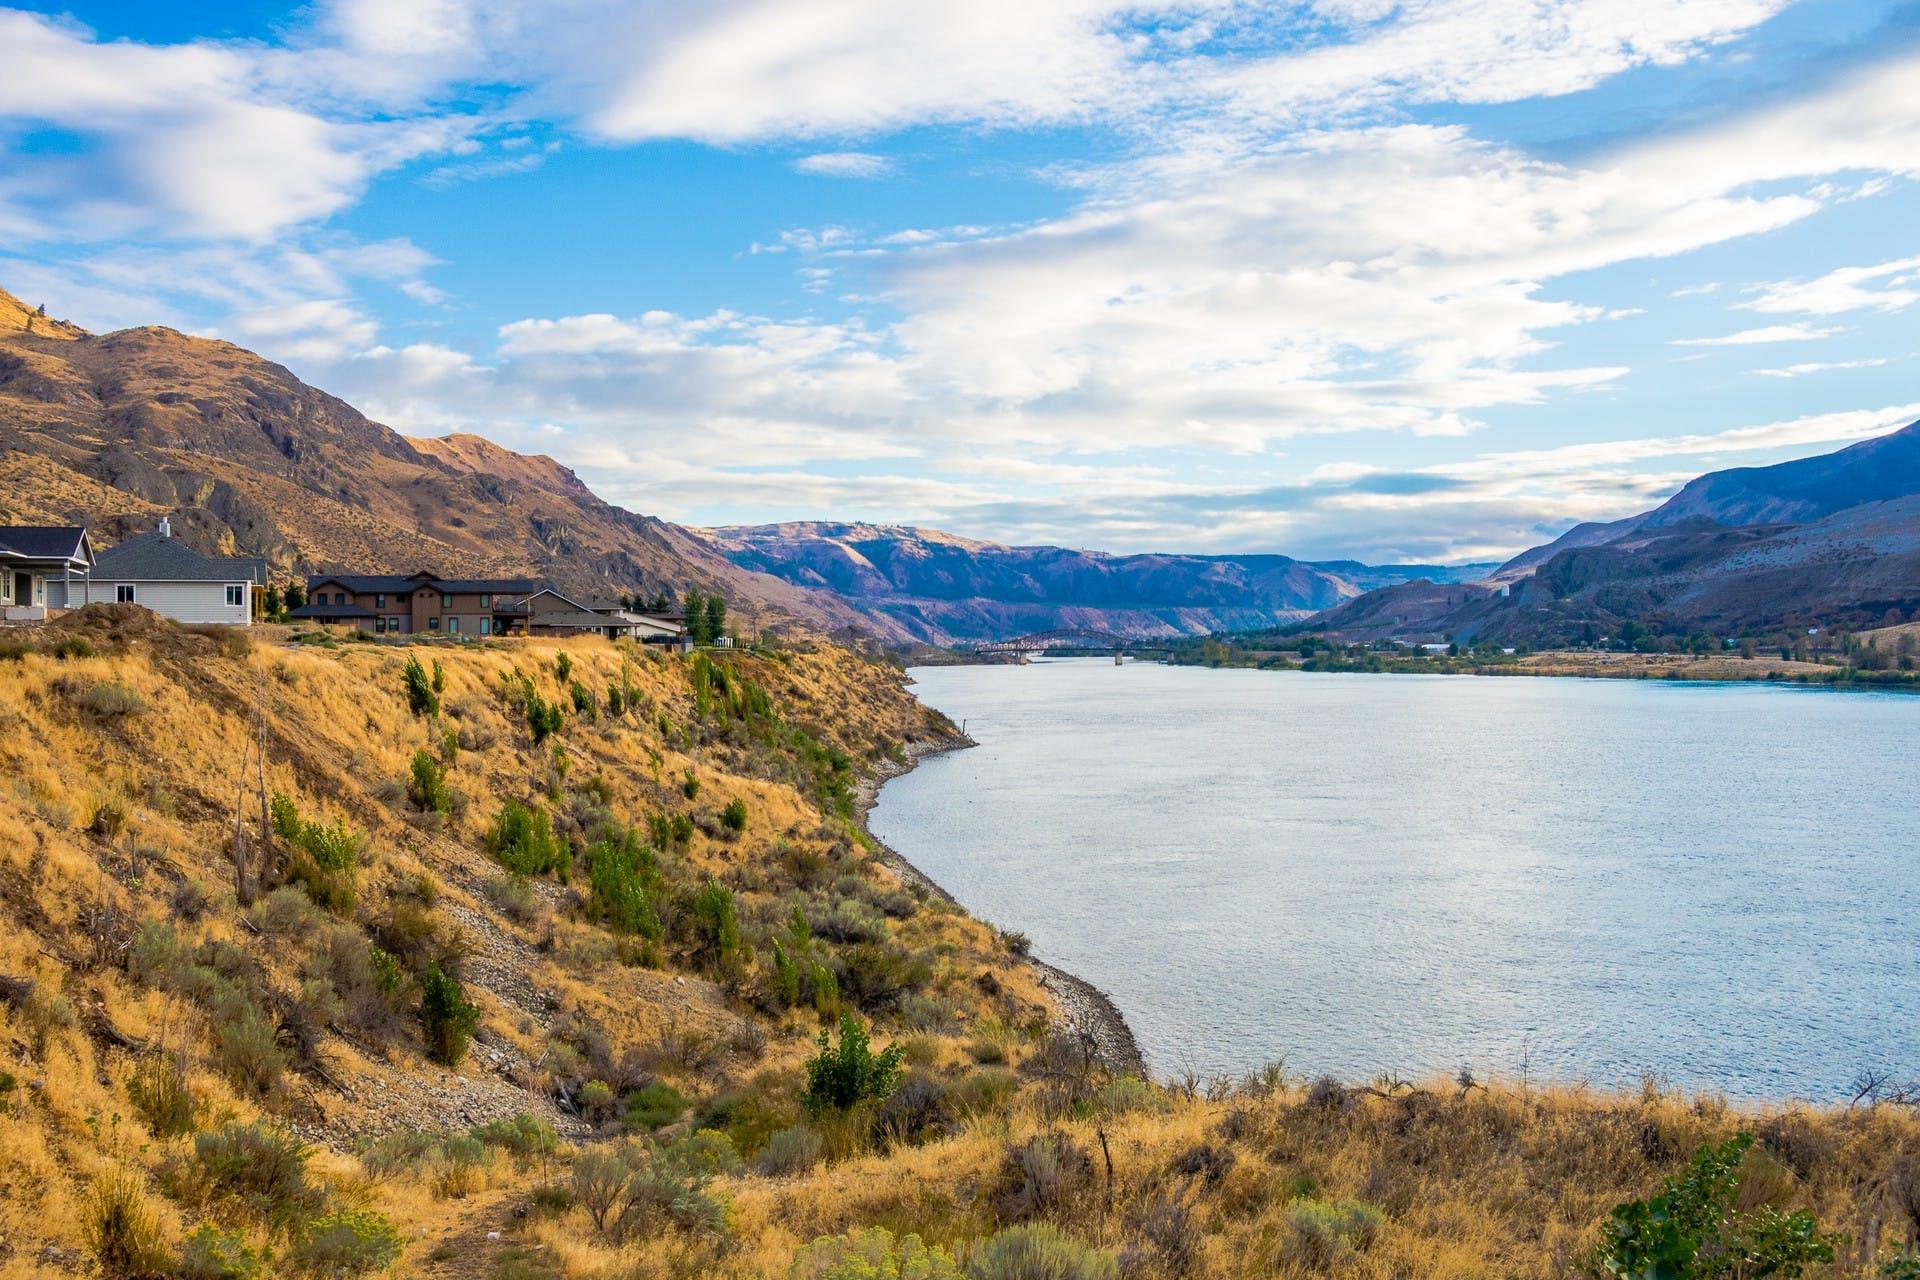 Lake Chelan located in Washington